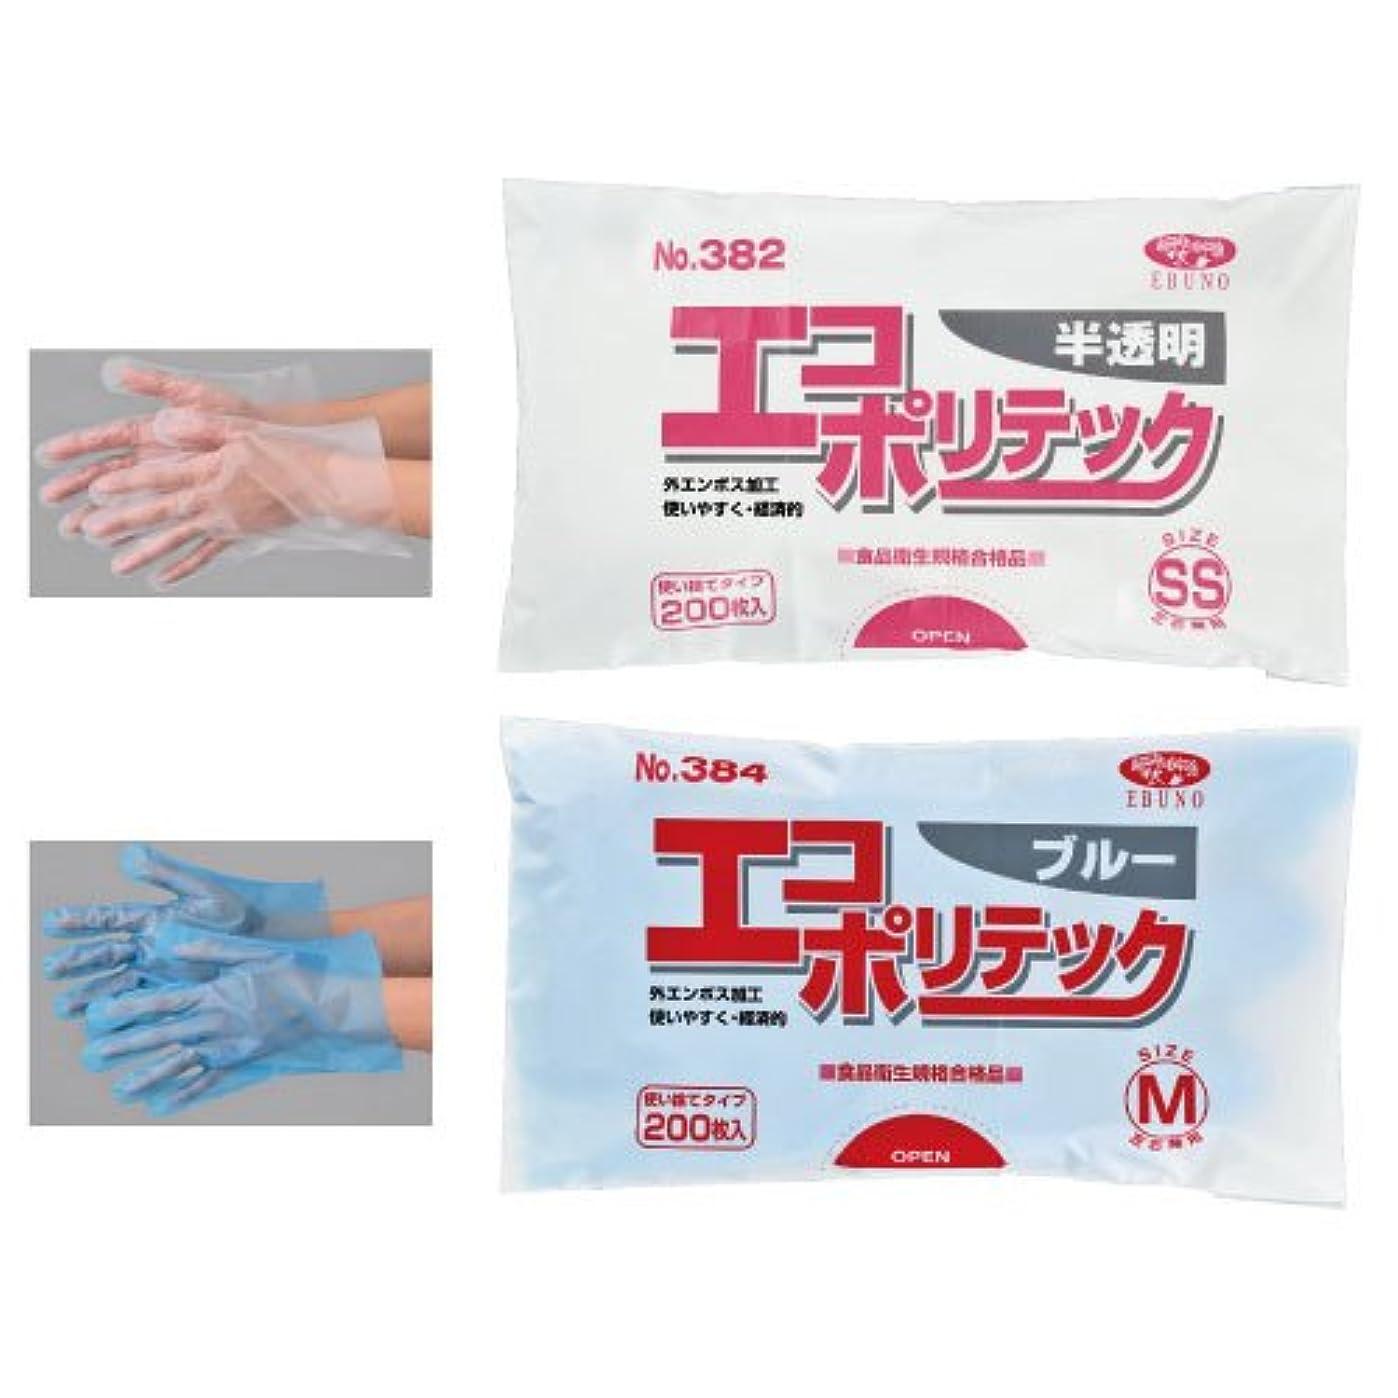 ふける違反サスティーンエブノ ポリエチレン手袋 No.382 M 半透明 (200枚×30袋) エコポリテック 袋入